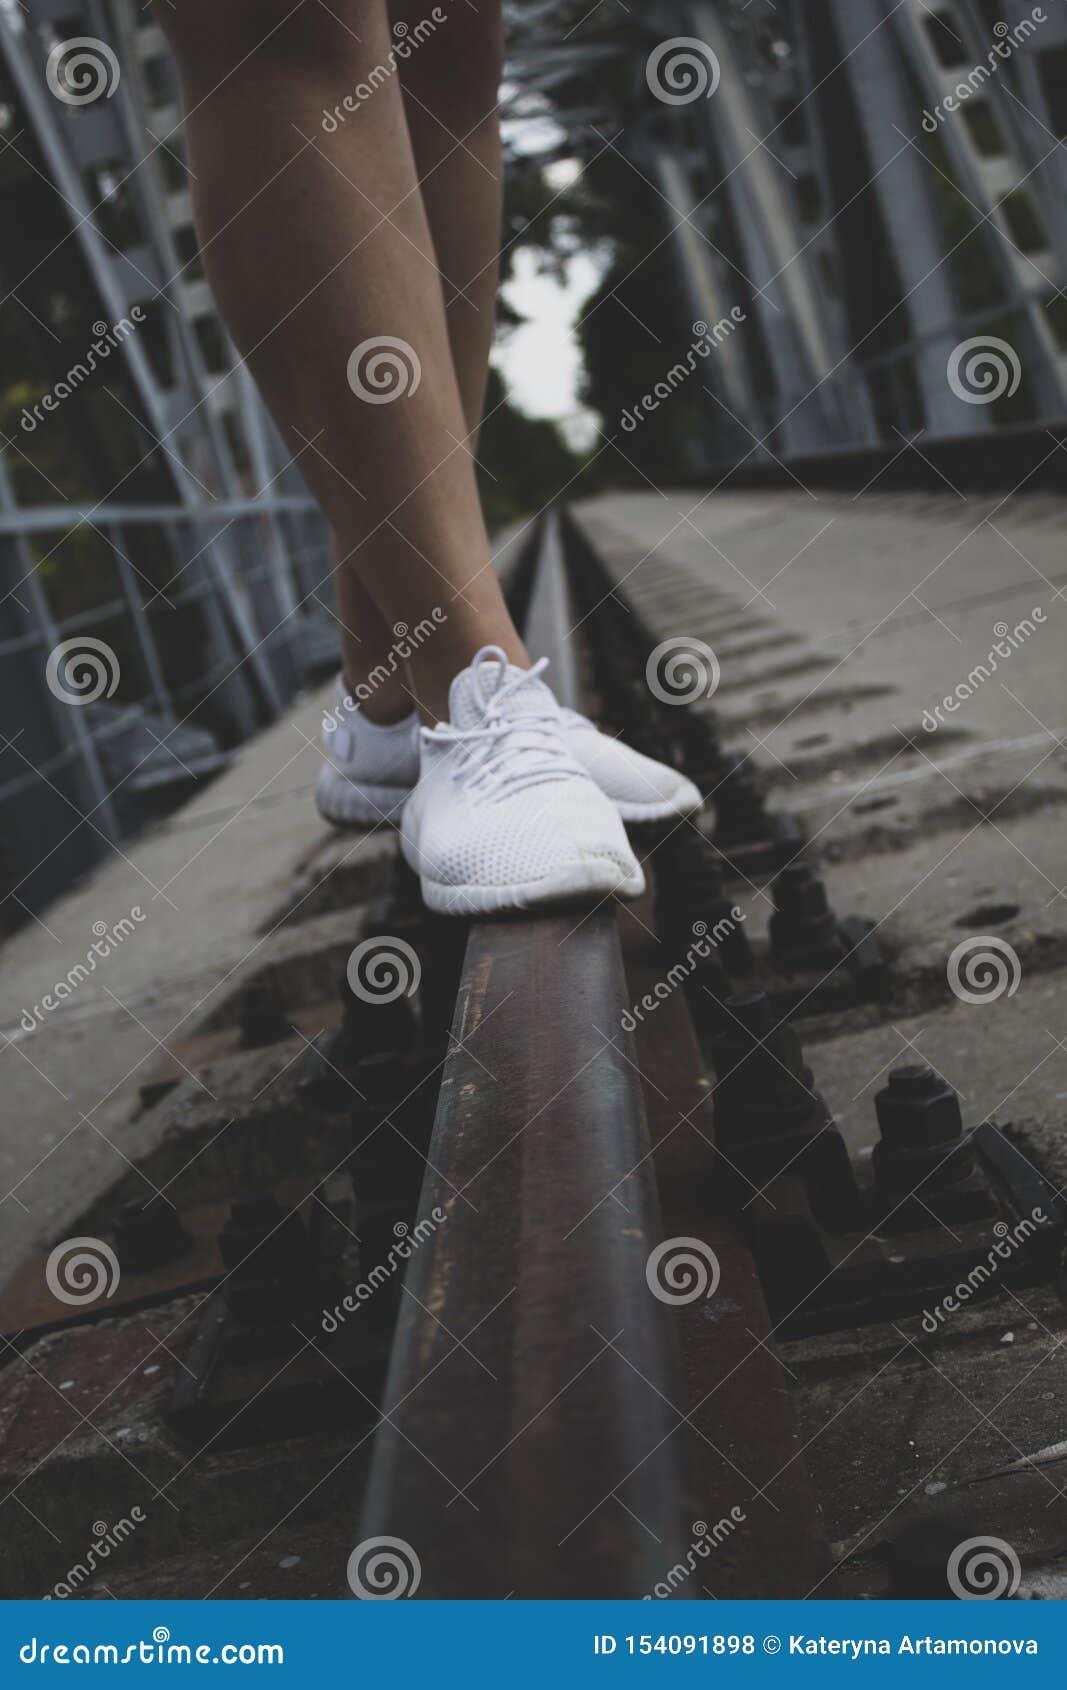 De vrouwelijke benen aan de knieën, in witte tennisschoenen, bevinden zich op de sporen